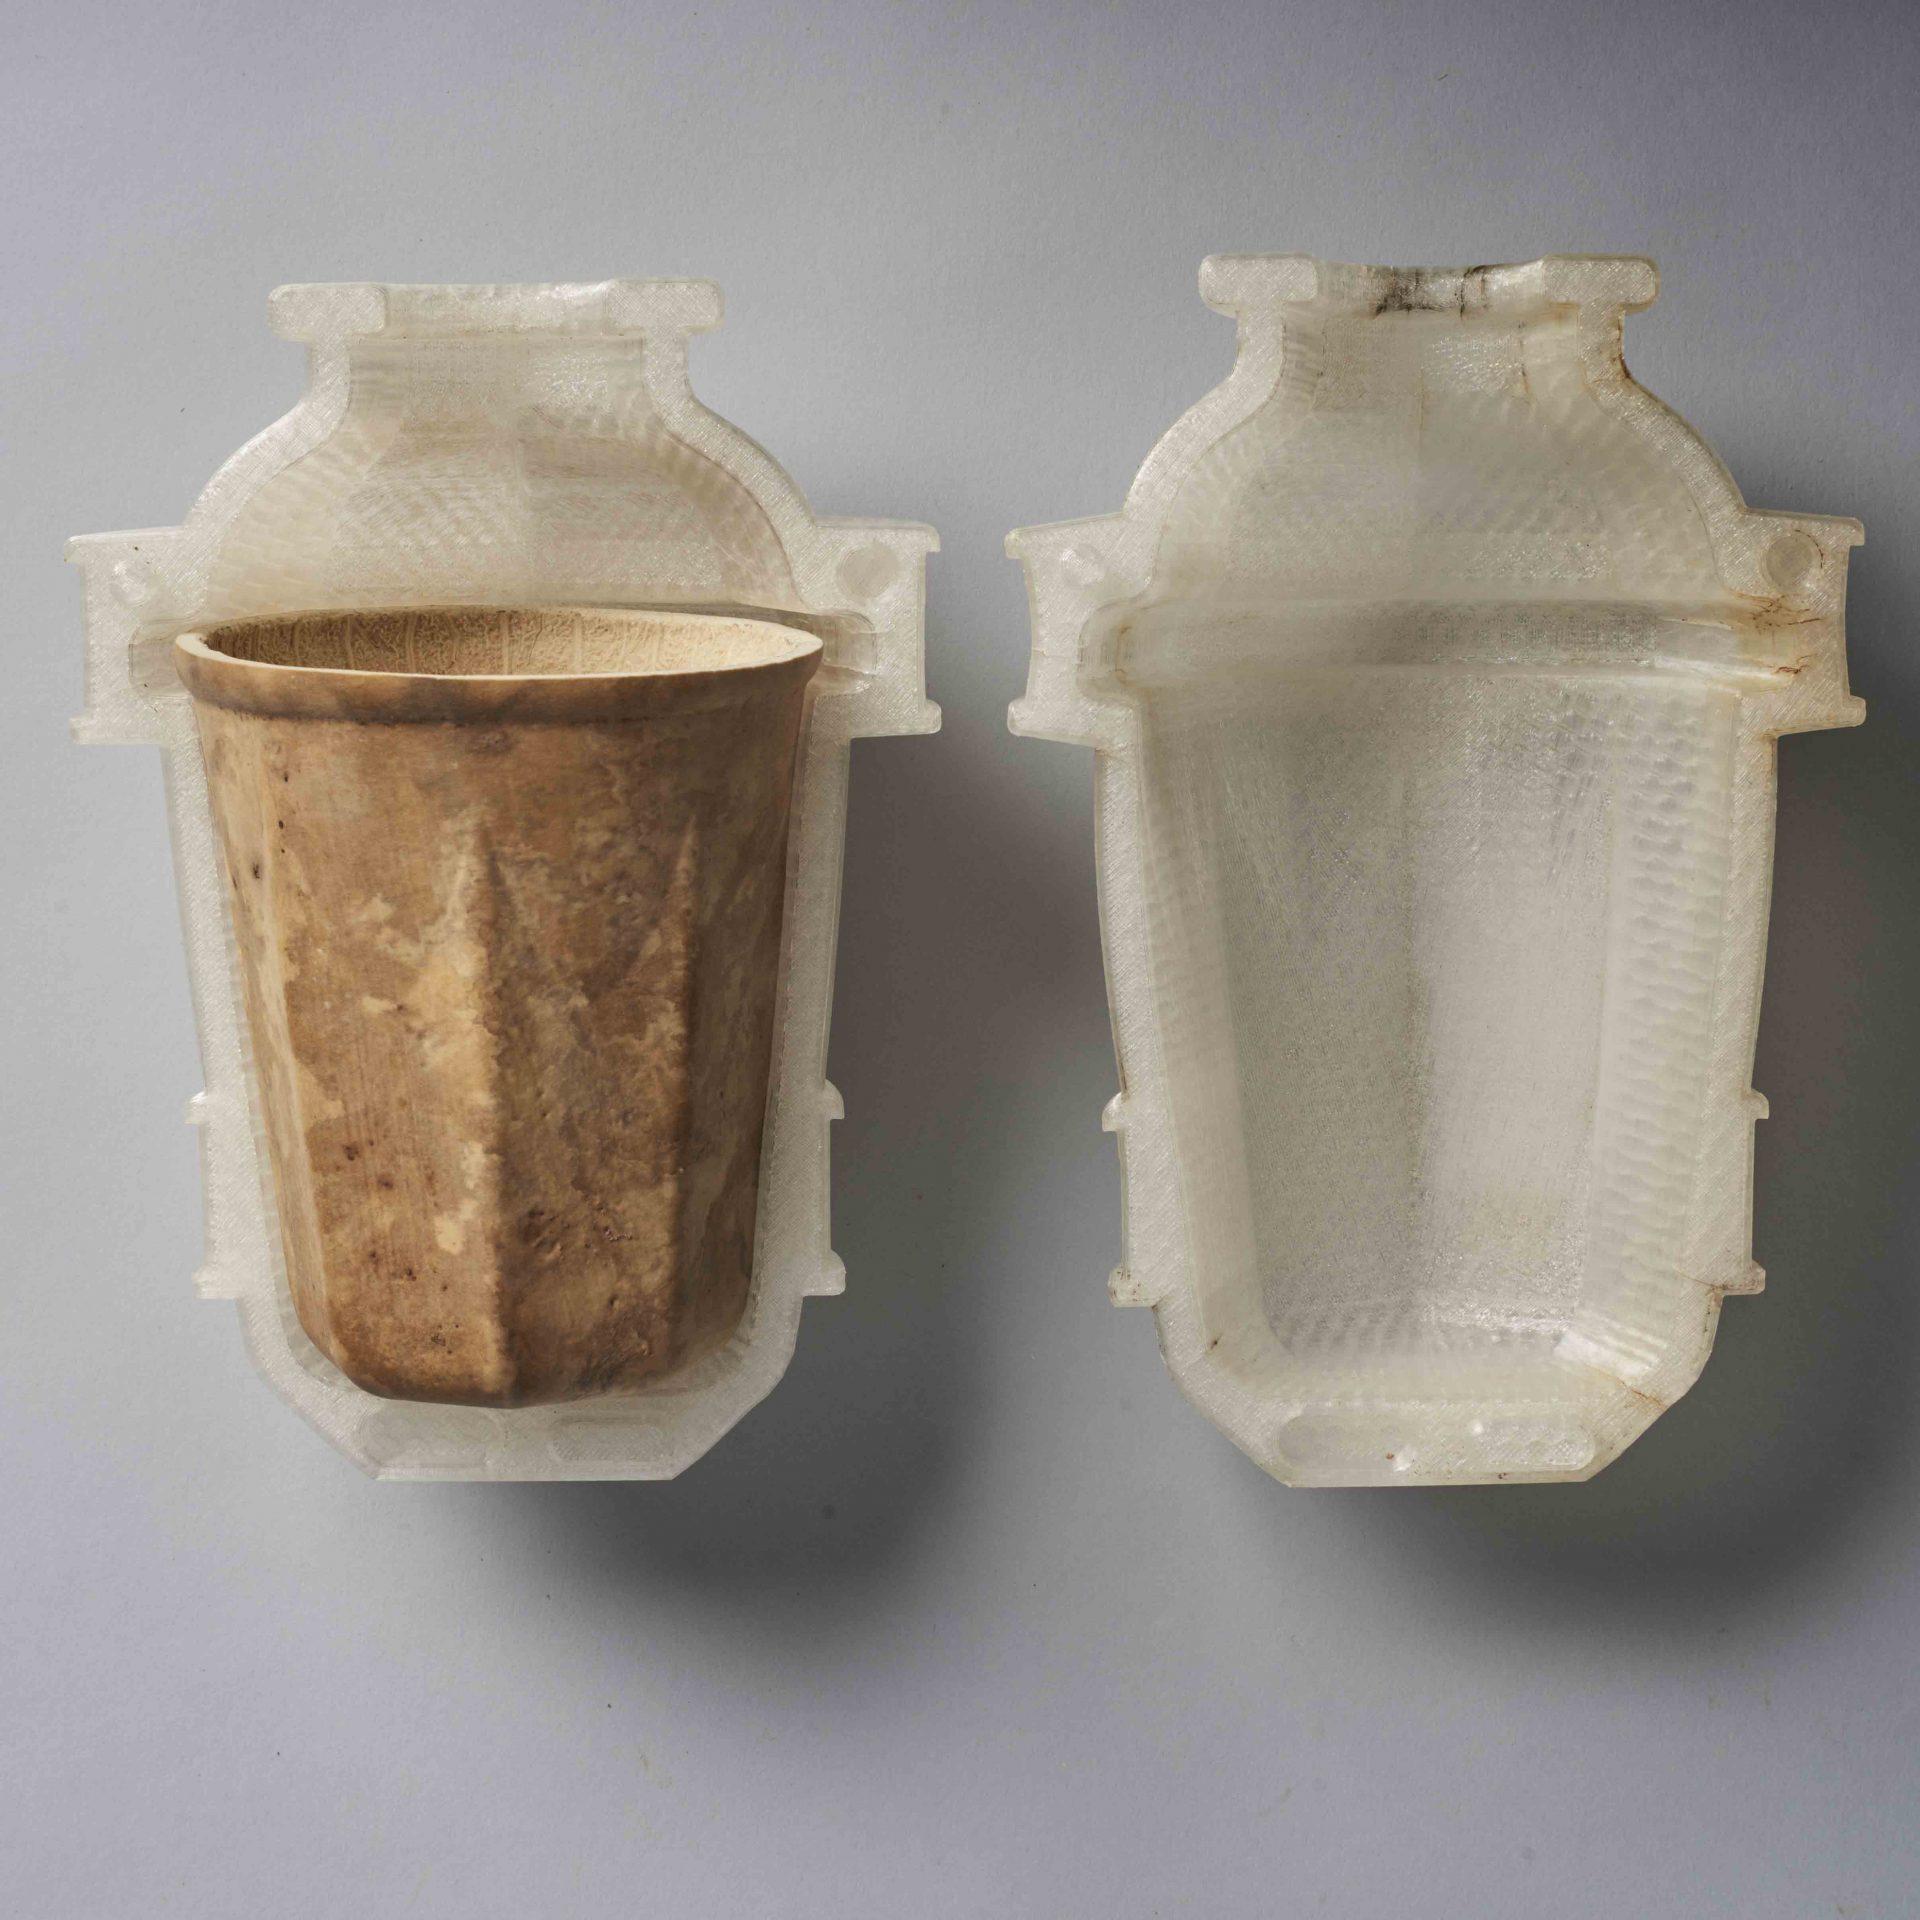 ถ้วย Hy-O จากพืชผัก ย่อยสลายได้ 100% ขึ้นรูปจาก 3D printer